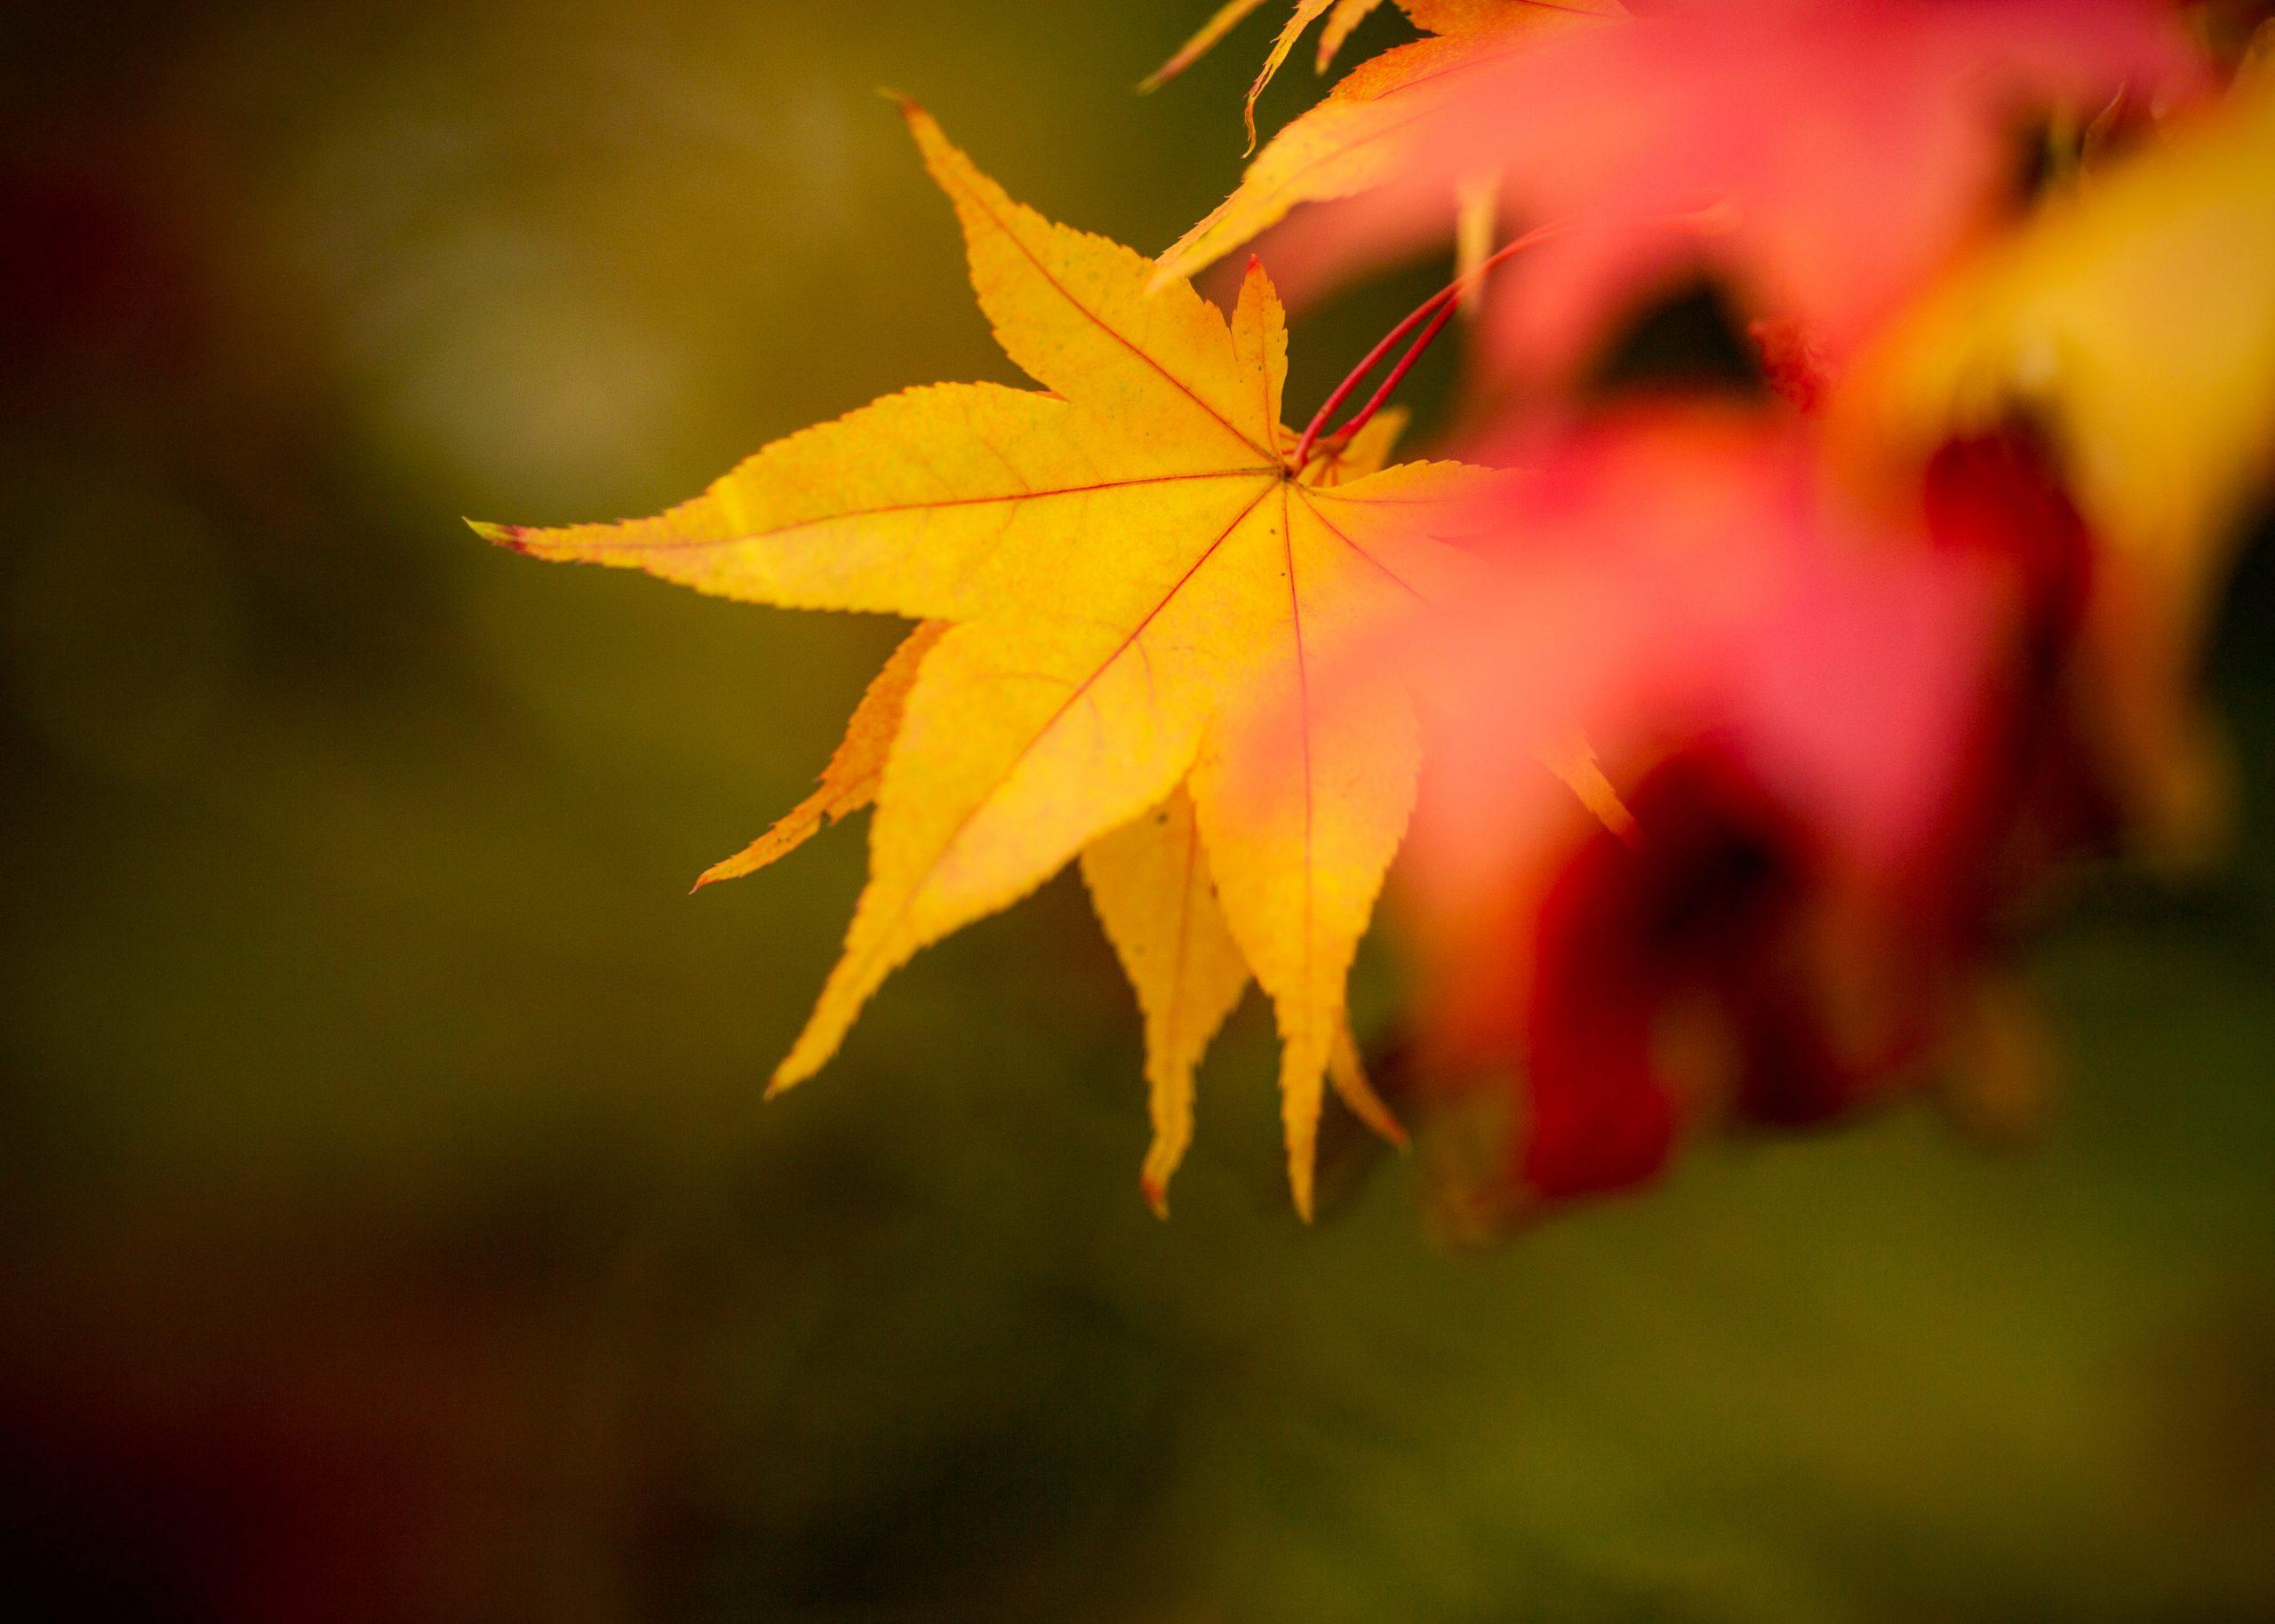 Autumn Photoshoots in maple trees